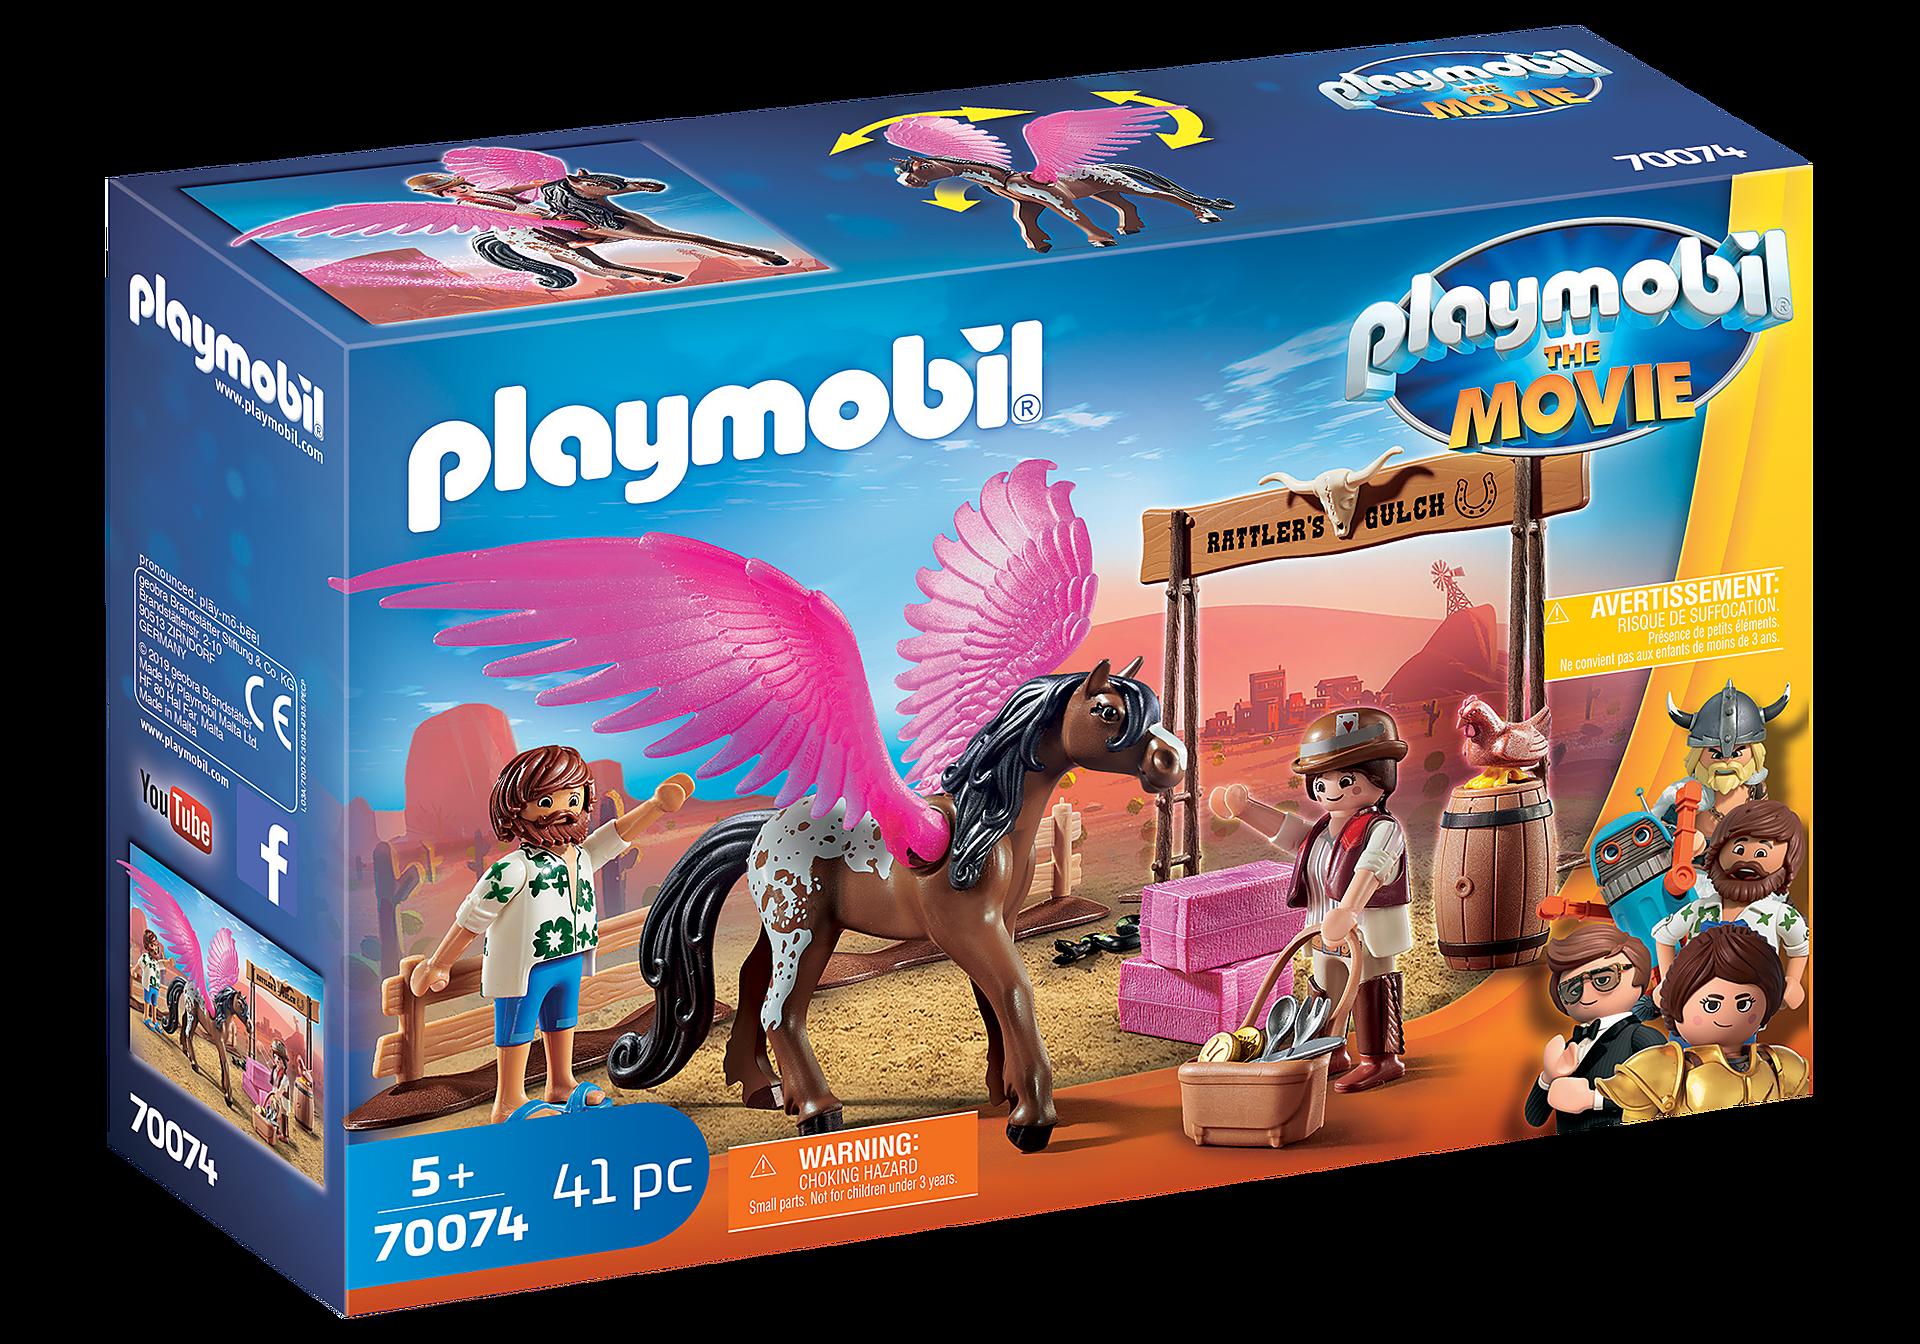 70074 PLAYMOBIL:THE MOVIE Marla, Del und Pferd mit Flügeln zoom image2